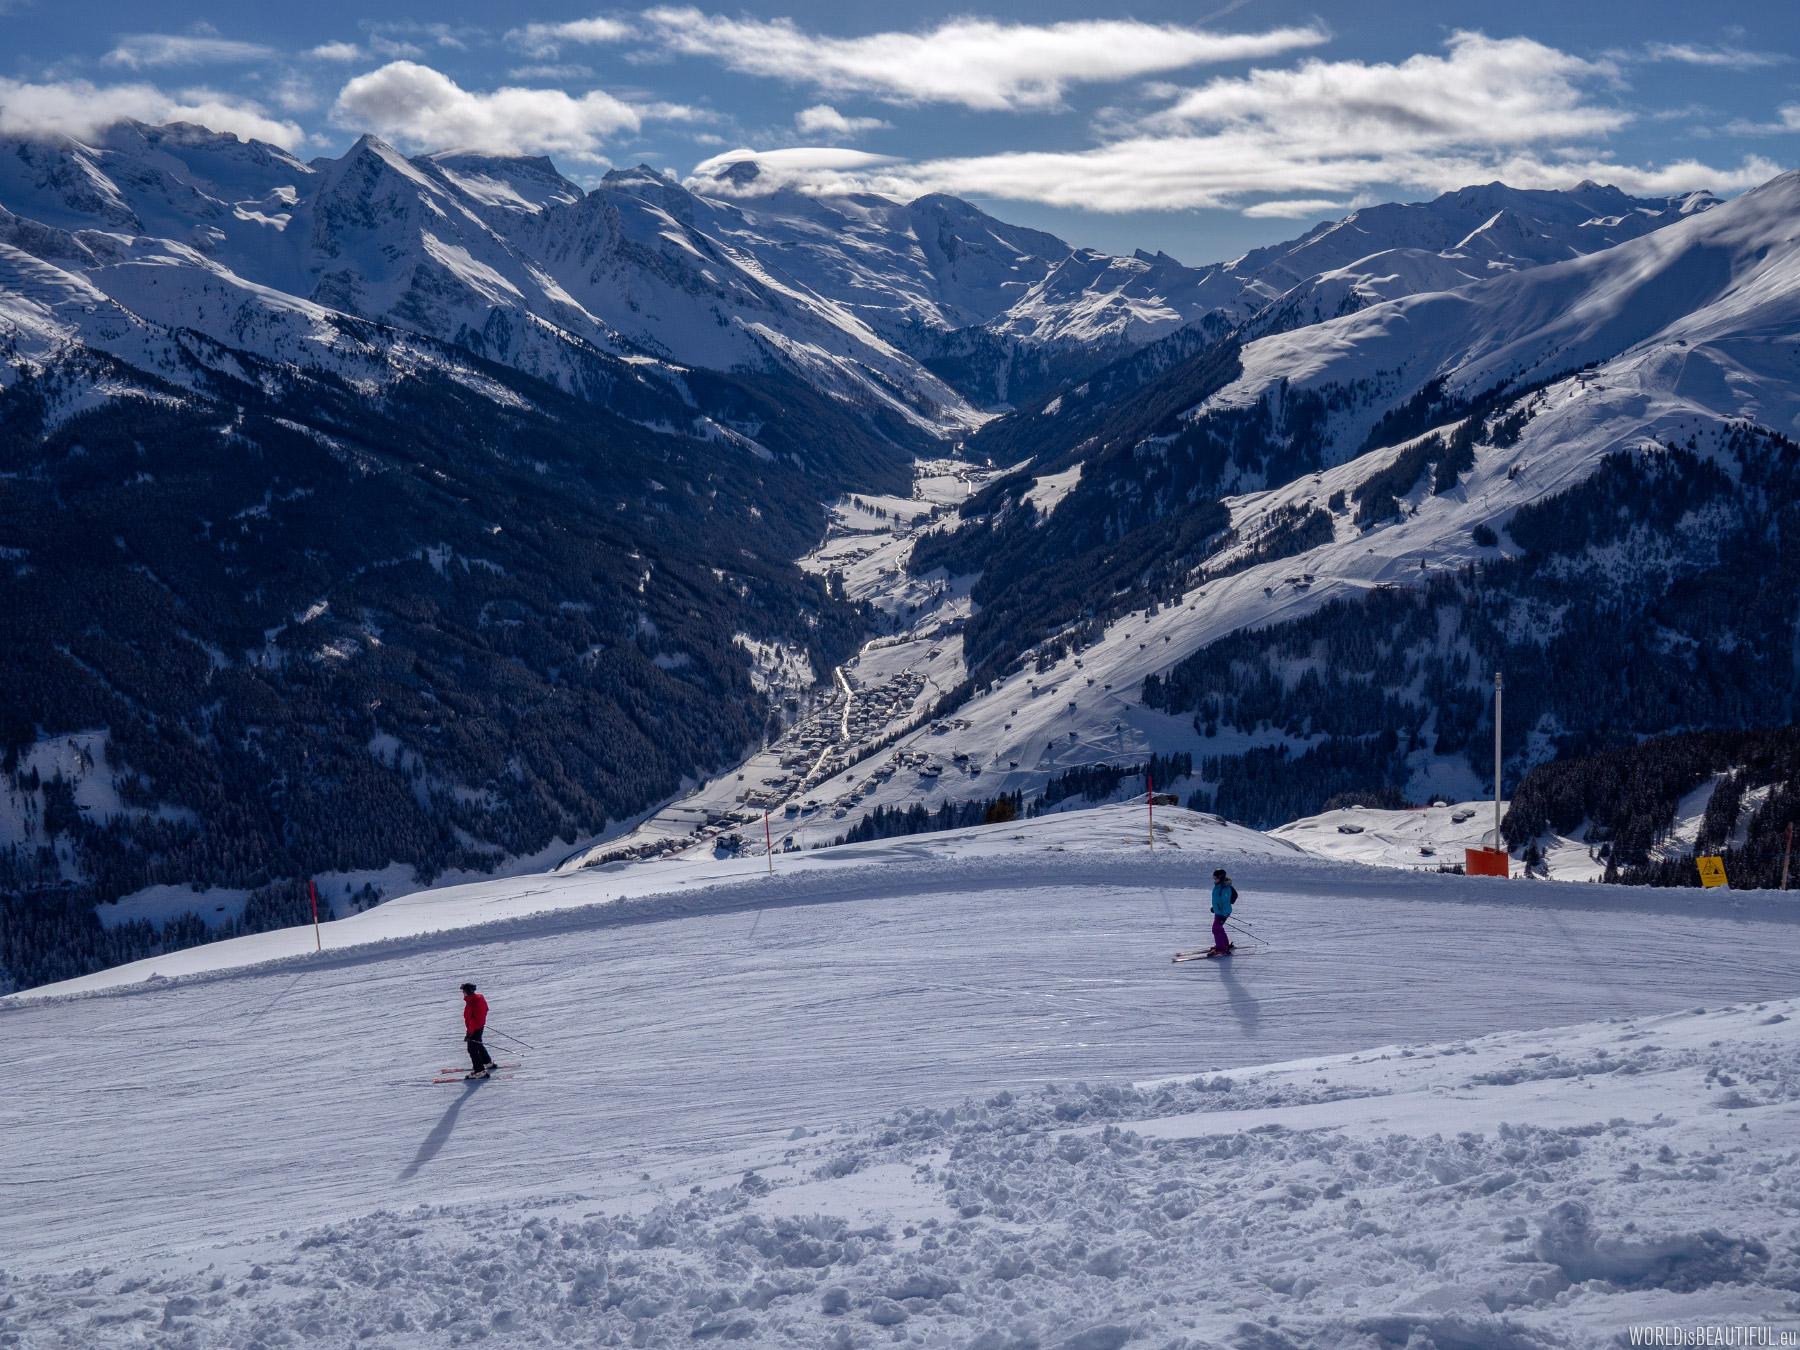 Rastkogel ski resort